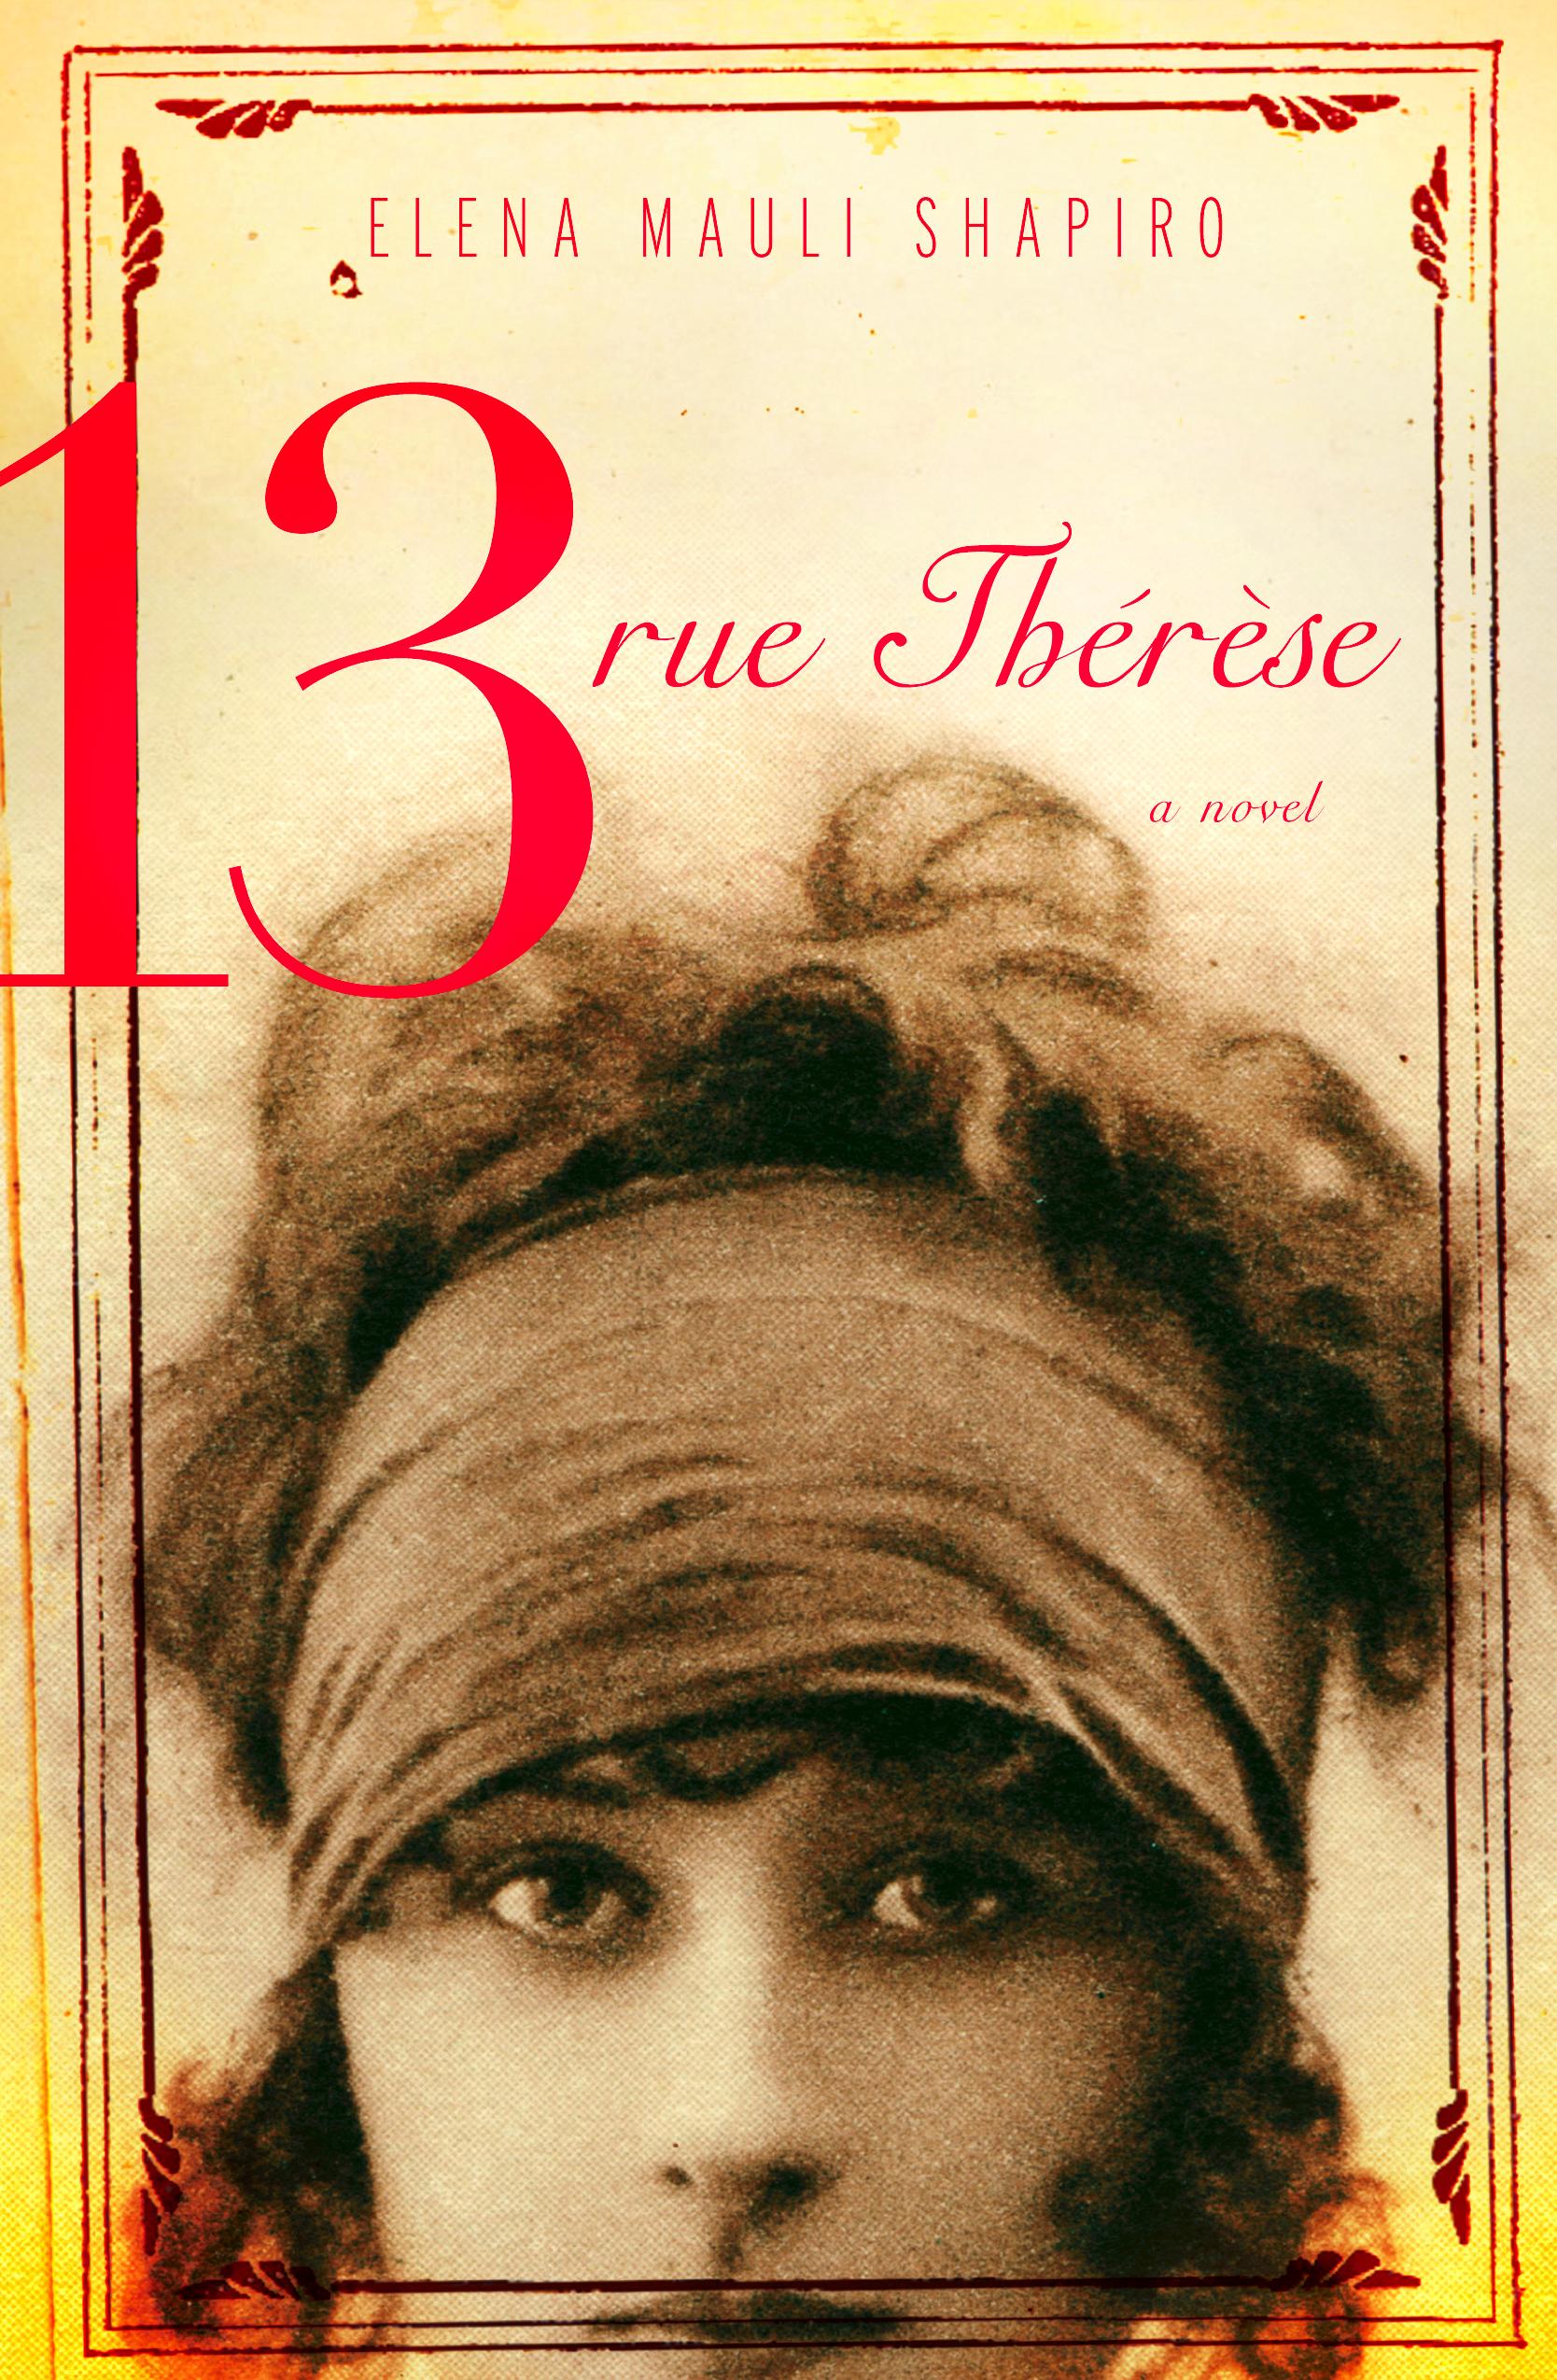 13 rueFIN44